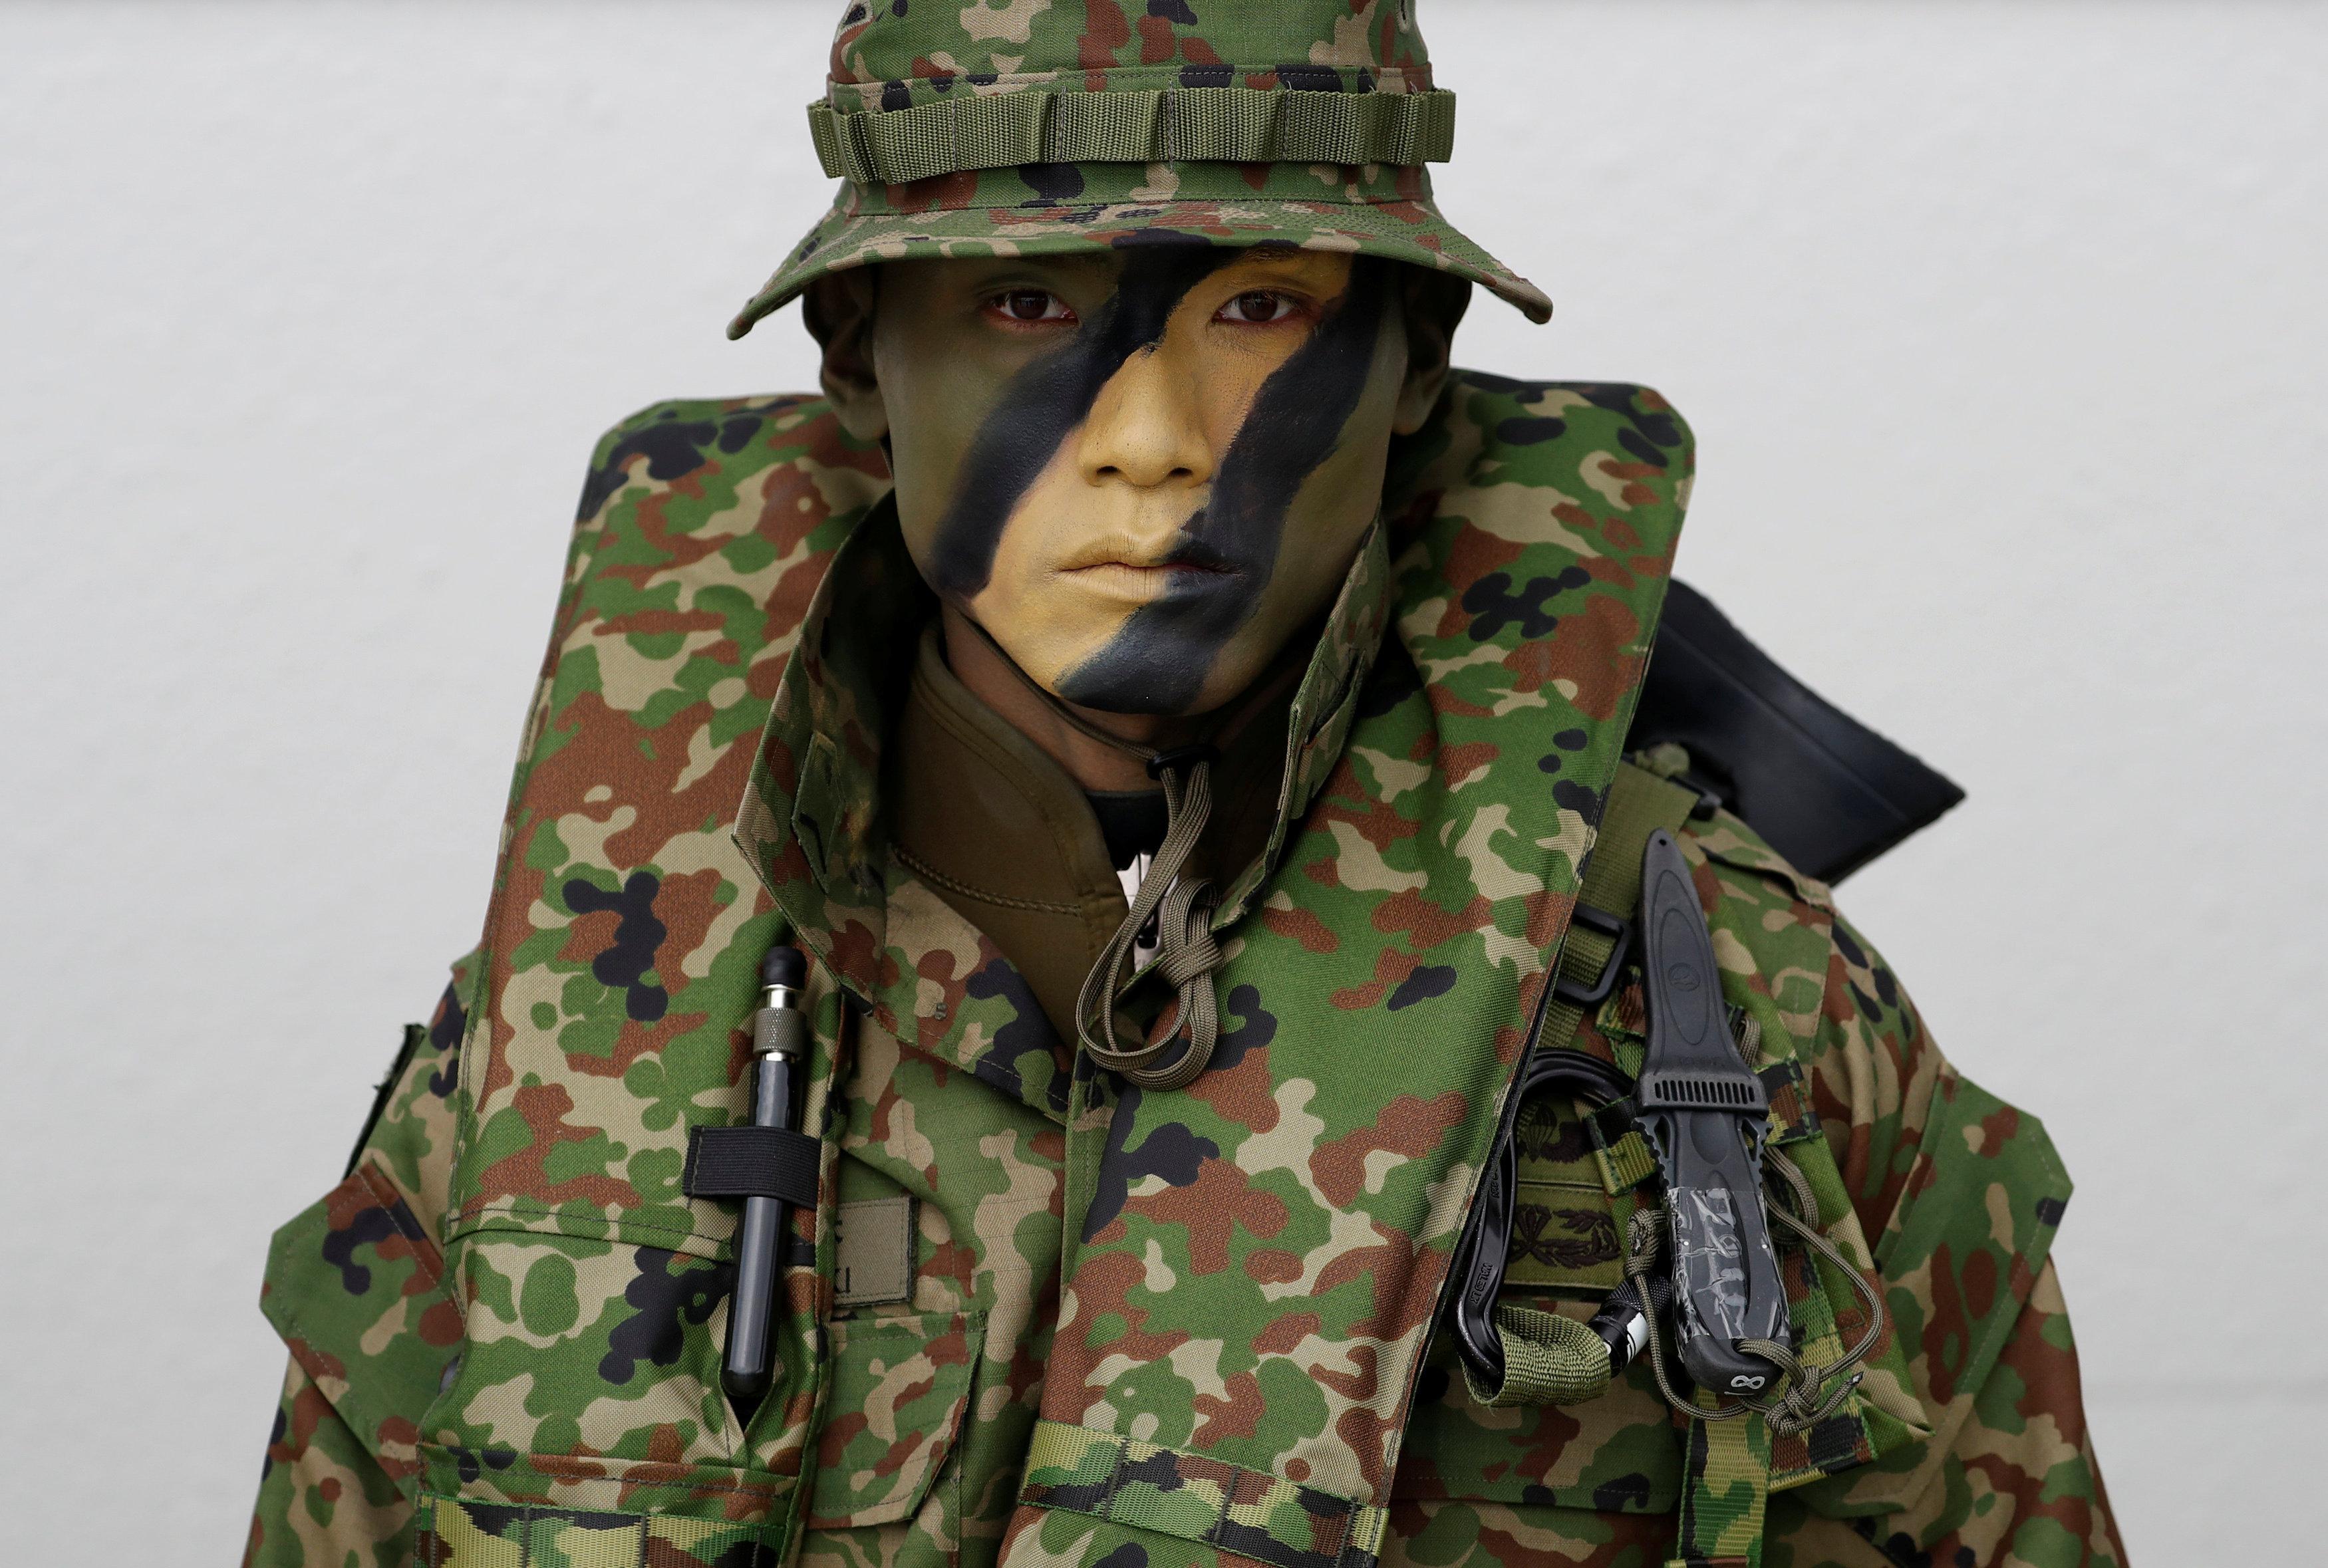 Un soldado de las Fuerzas de Defensa Anfibias de Japón, la primera brigada de marines japonesa desde la Segunda Guerra Mundial